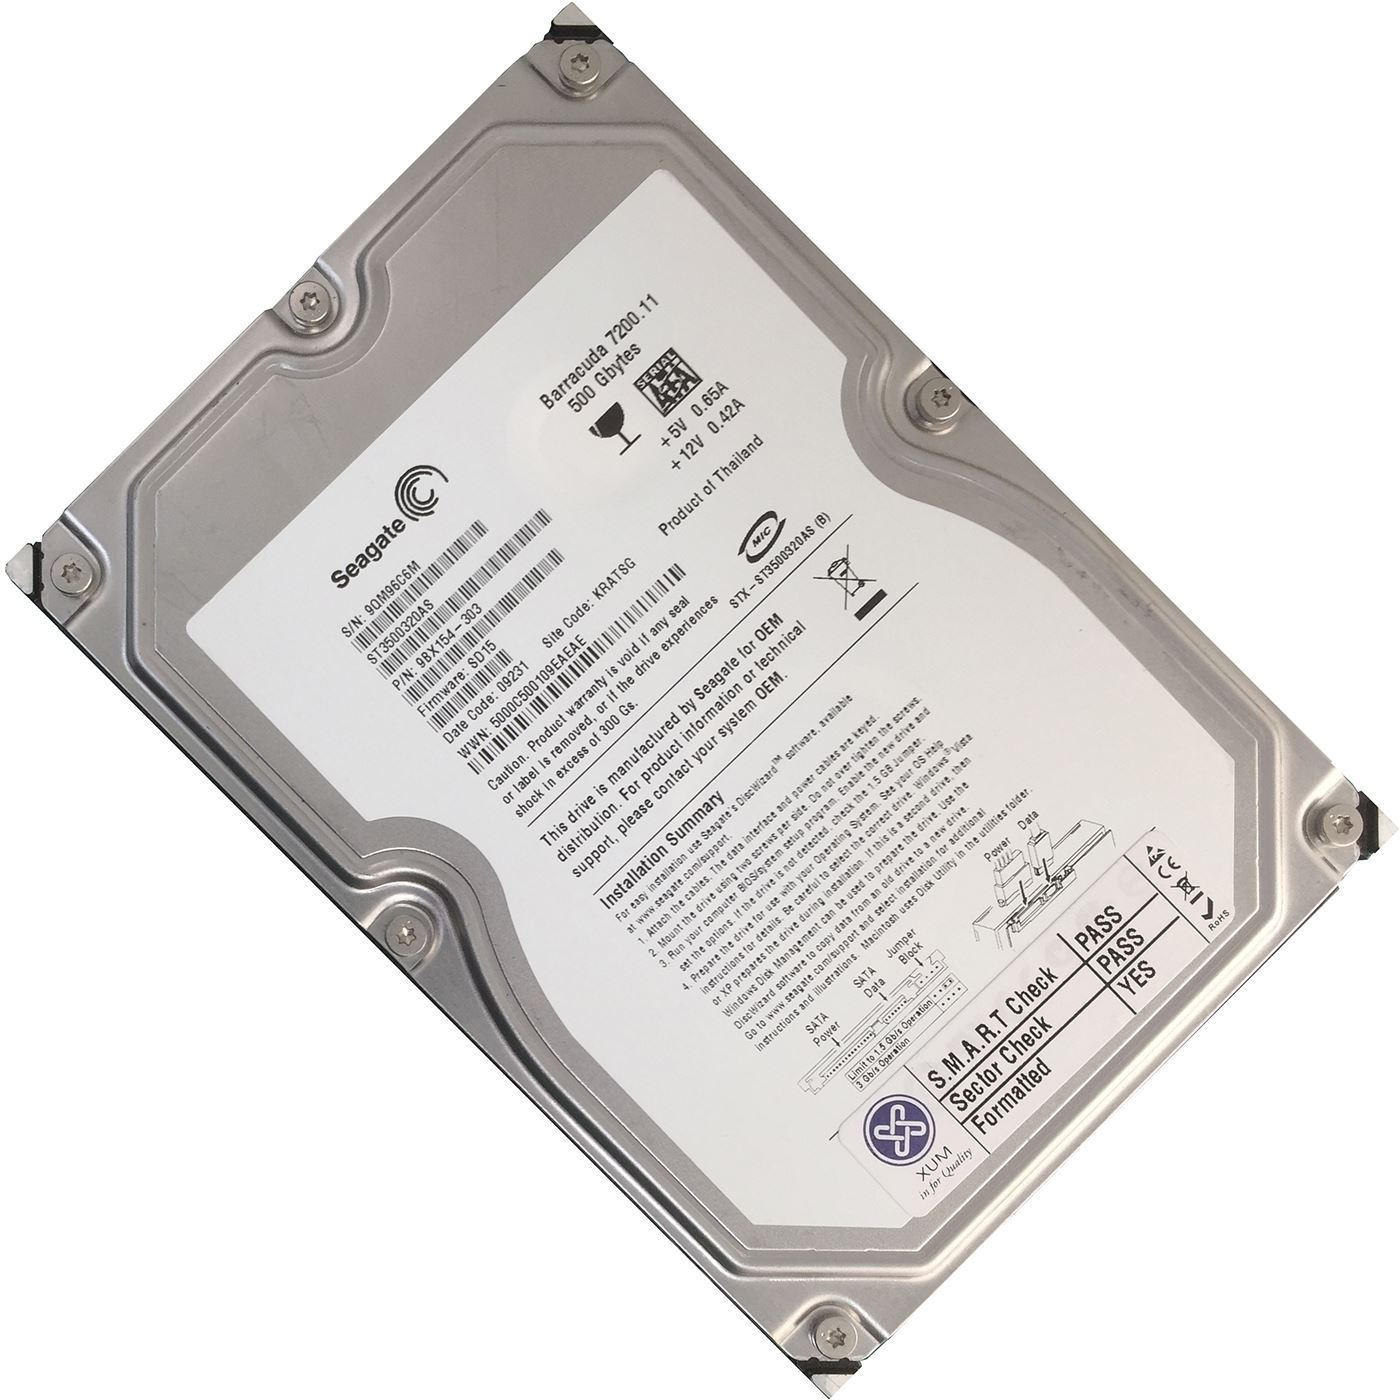 500GB-640GB-750GB-1TB-2TB-3TB-4TB-6TB-8TB-10TB-3-5-034-SATA-Hard-Drive-HDD-LOT thumbnail 4